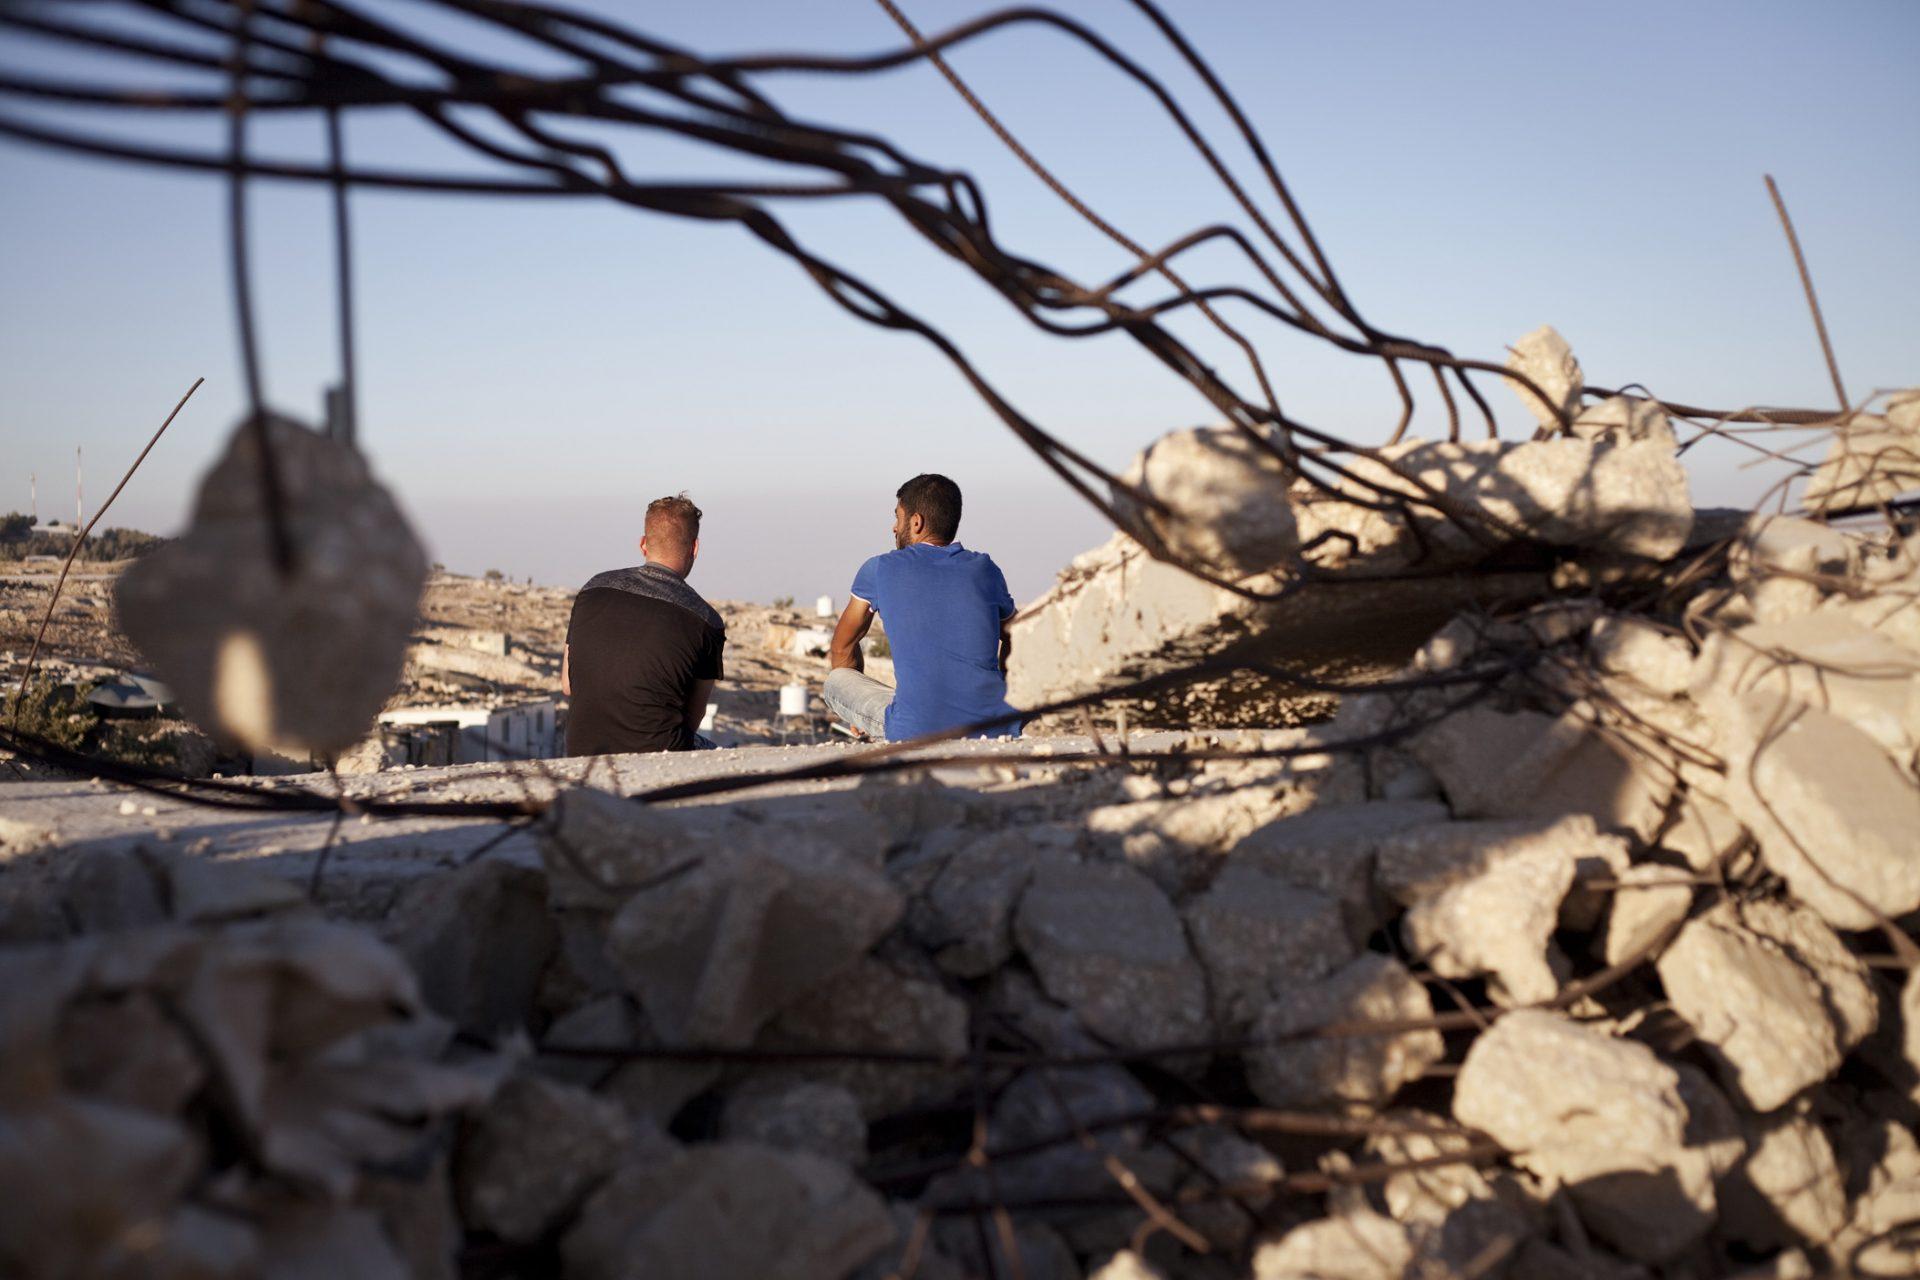 Deux habitants d'At-Tuwani sont assis sur les ruines de la mosquée du village. Le village étant situé dans une zone classée militaire par Israël, toute nouvelle construction y est interdite, et les permis de construire sont systématiquement rejetés. Les nouvelles constructions faites sans permis sont régulièrement détruites par l'armée.